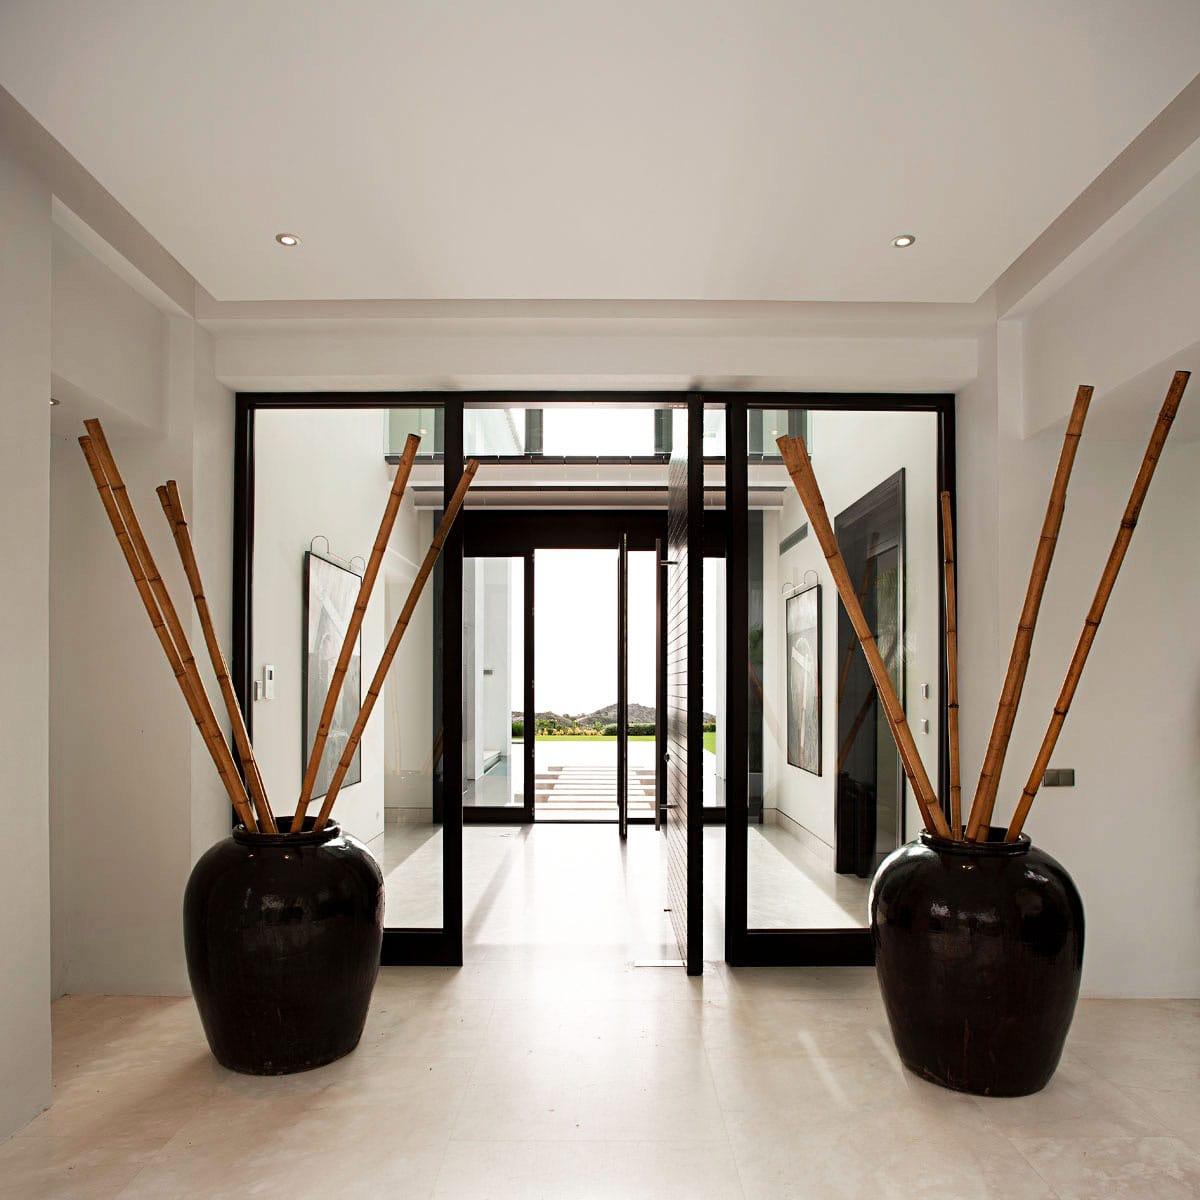 Vestíbulo de mármol Crema Premium - La Zagaleta Marbella - Premium Beige marble foyer